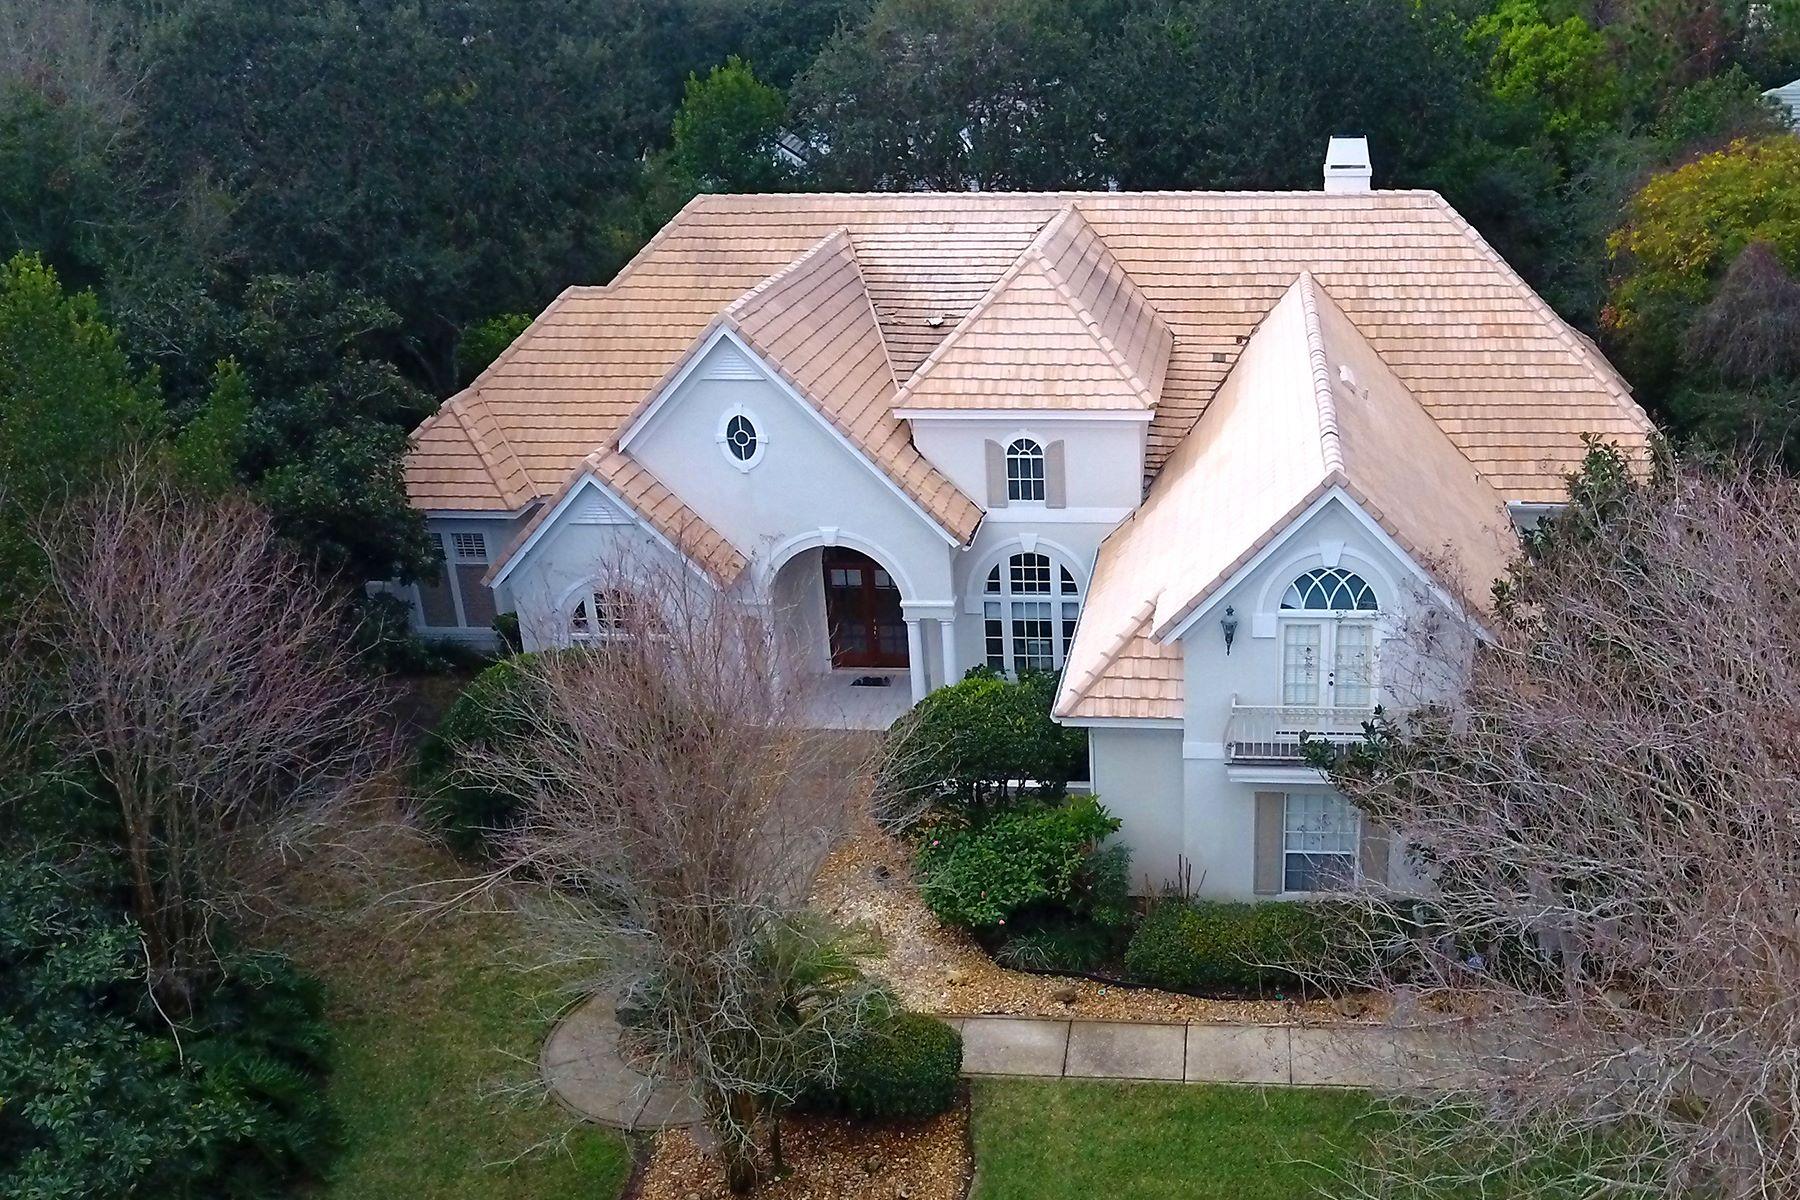 Tek Ailelik Ev için Satış at Orlando, Florida 9107 Great Heron Cir Orlando, Florida, 32836 Amerika Birleşik Devletleri